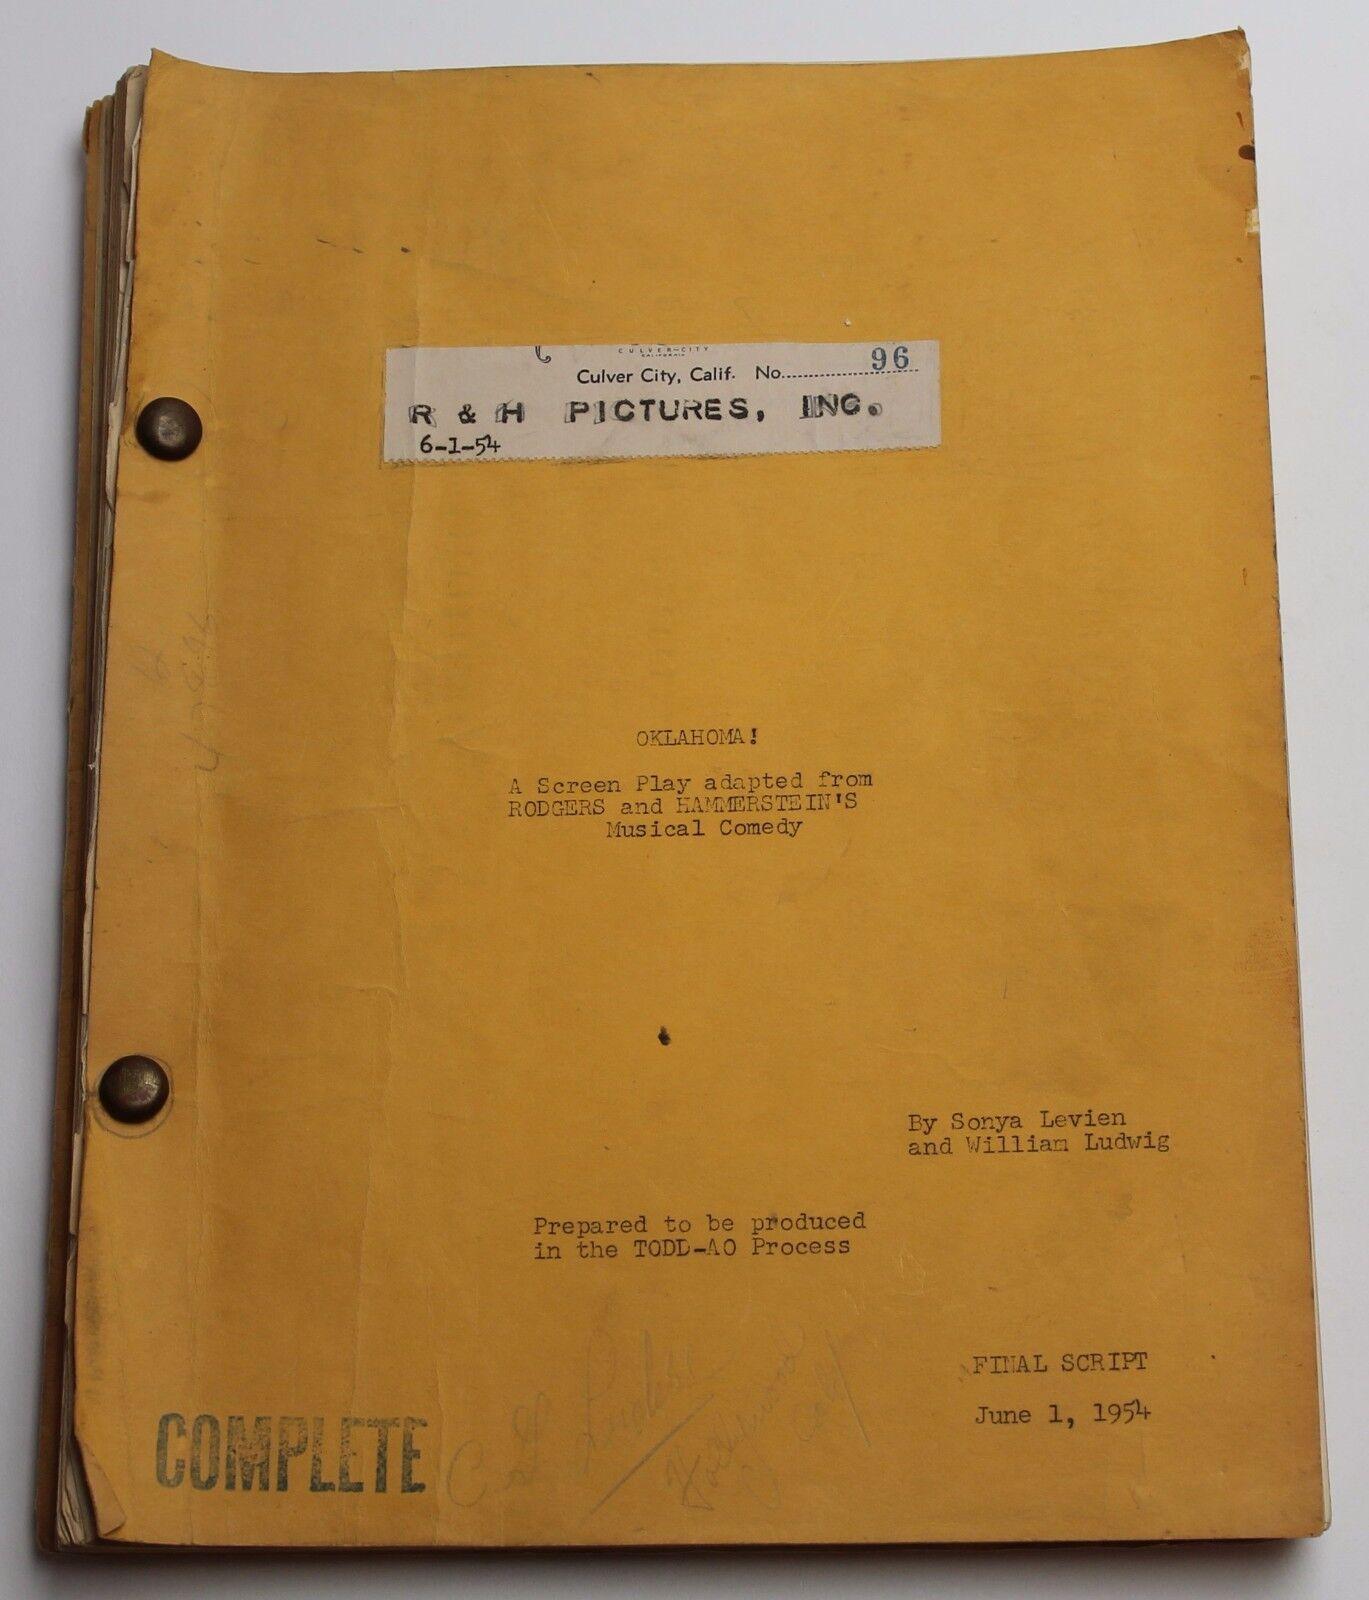 Vialibri Rare Books From 1954 Page 19